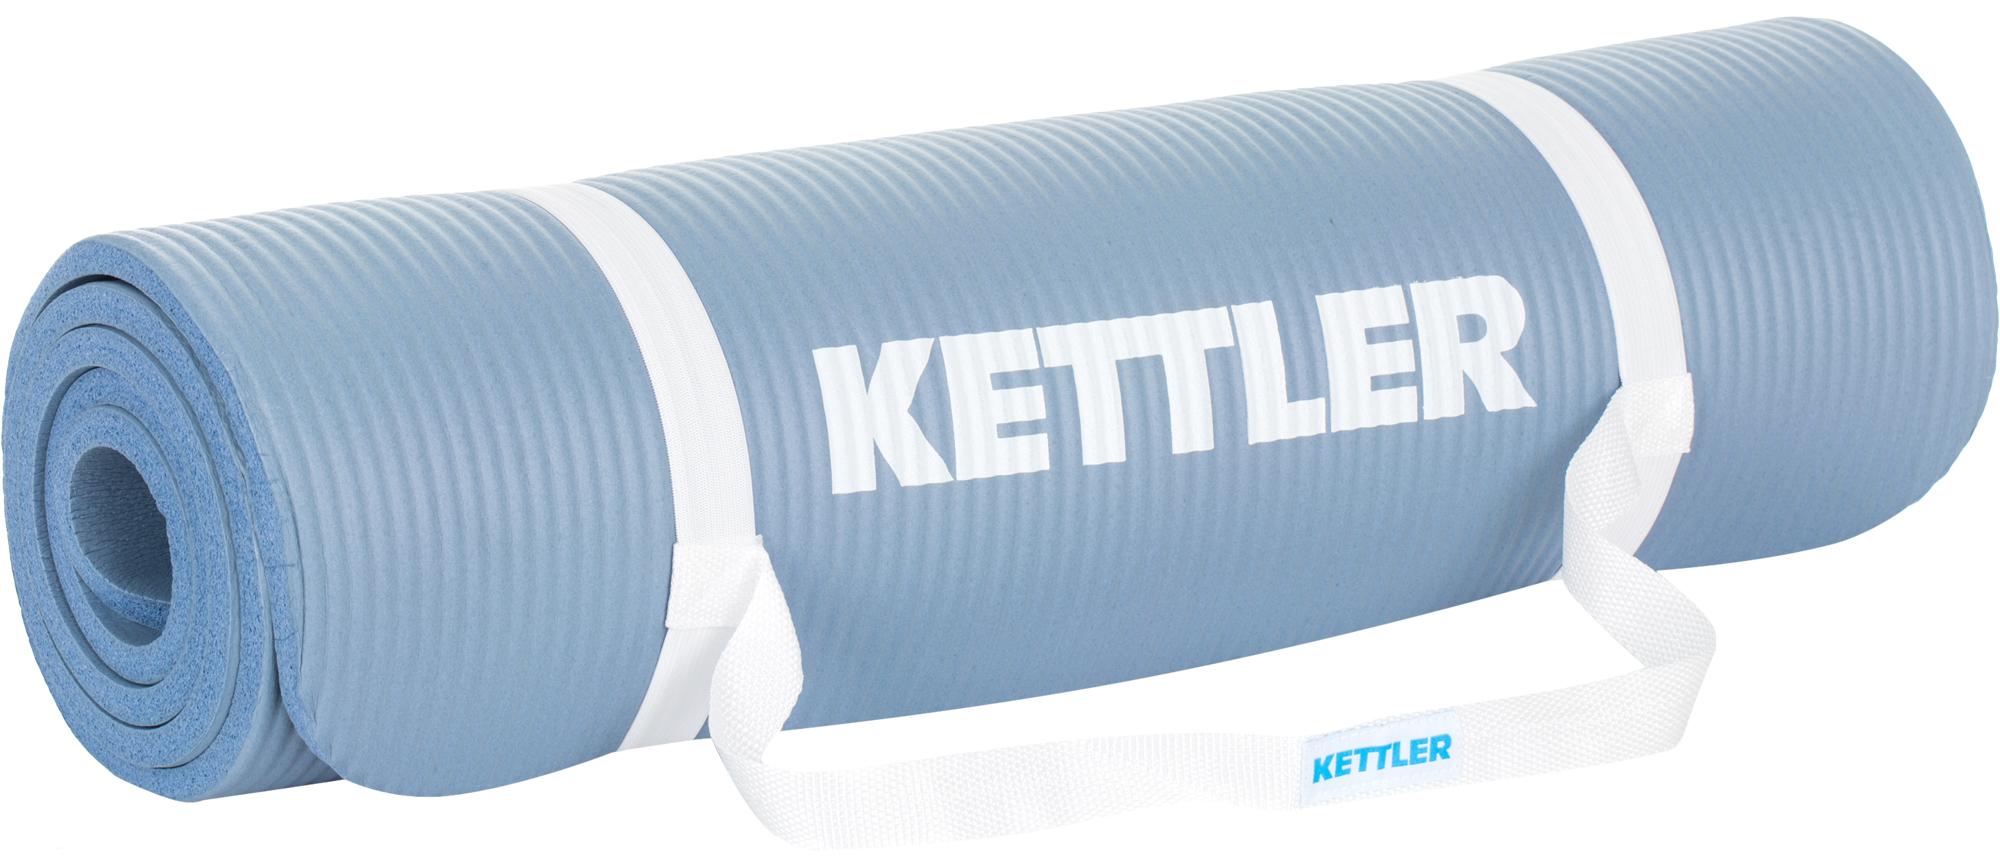 Kettler Коврик для фитнеса Kettler цена